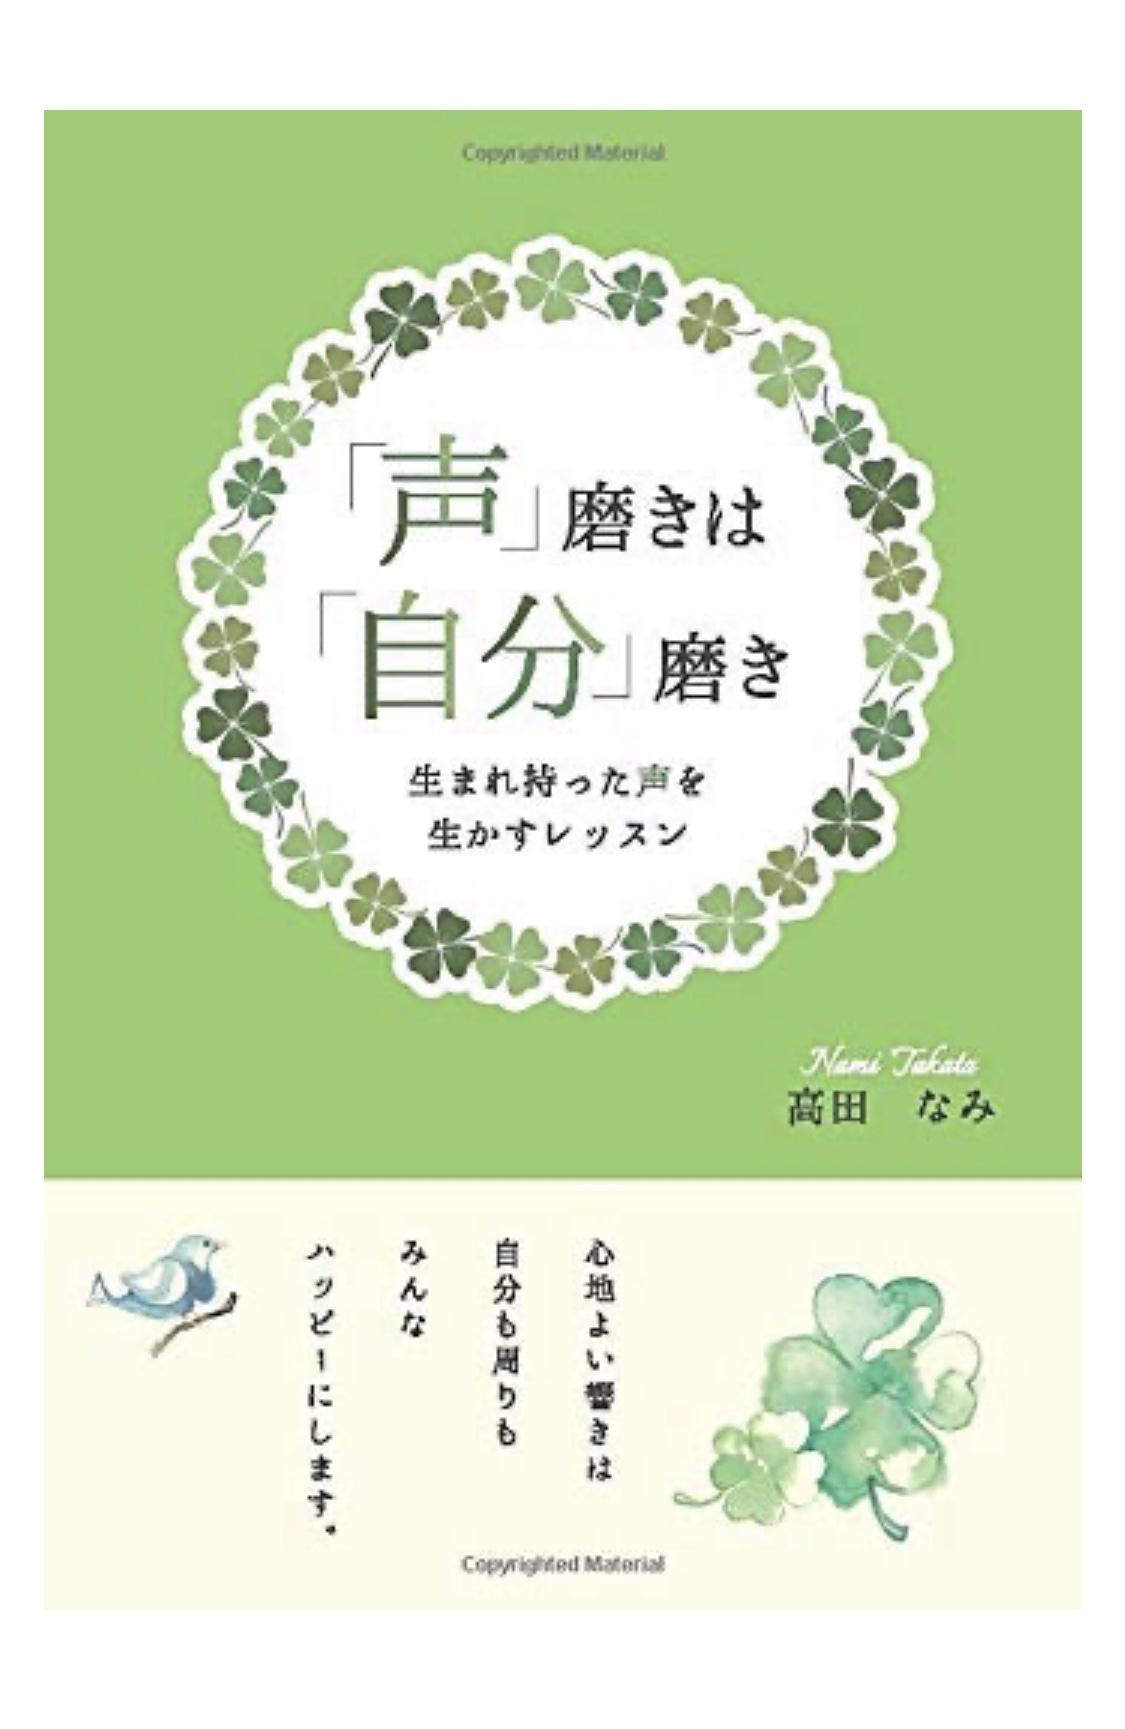 私の著書が発売になりました!_c0104293_03233545.jpg